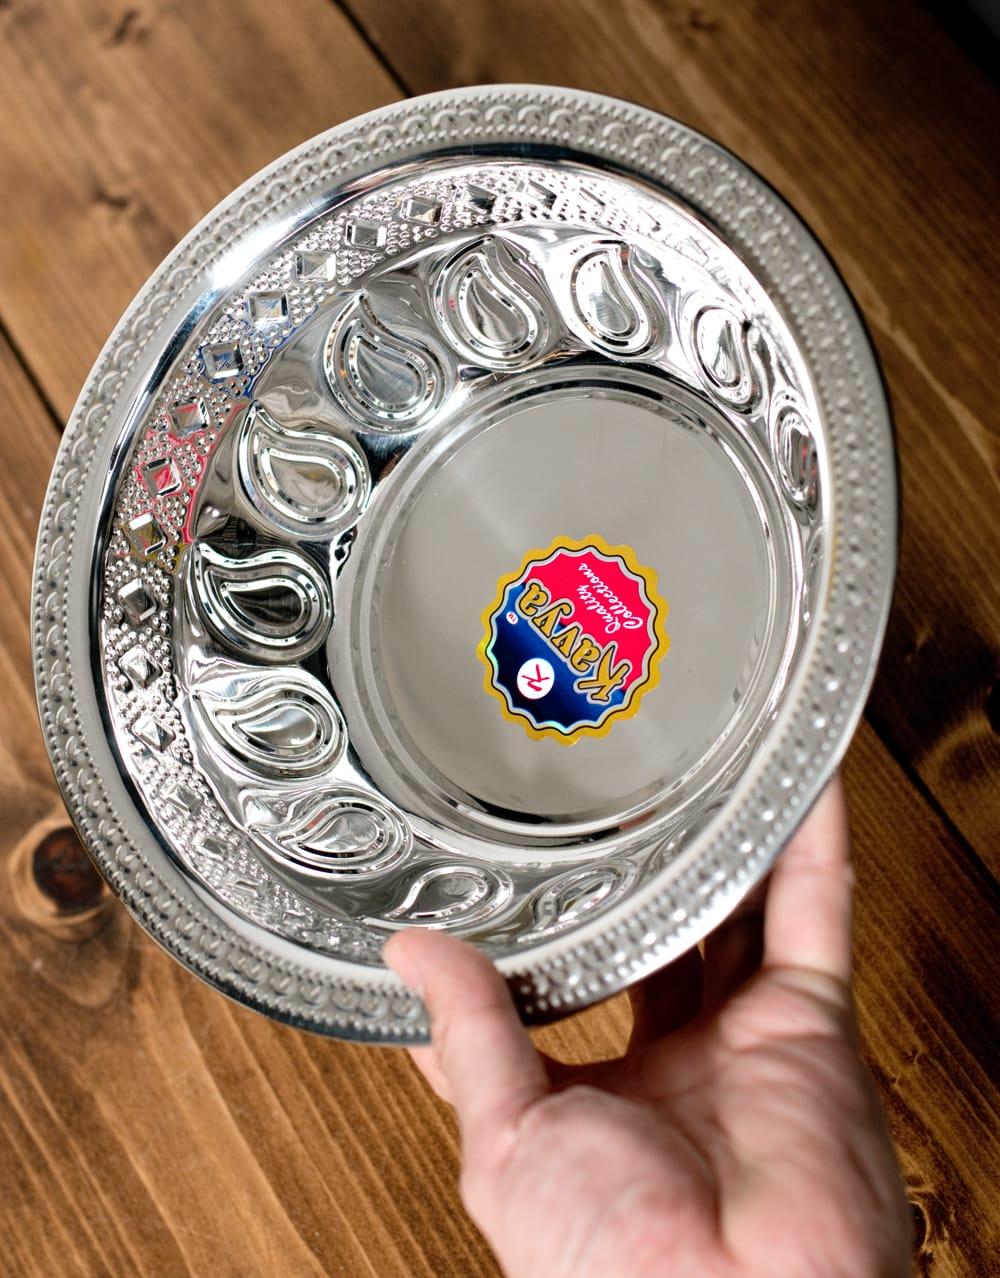 ペイズリーエンボスのアルミ皿【直径:21.5cm】 6 - このくらいのサイズ感になります